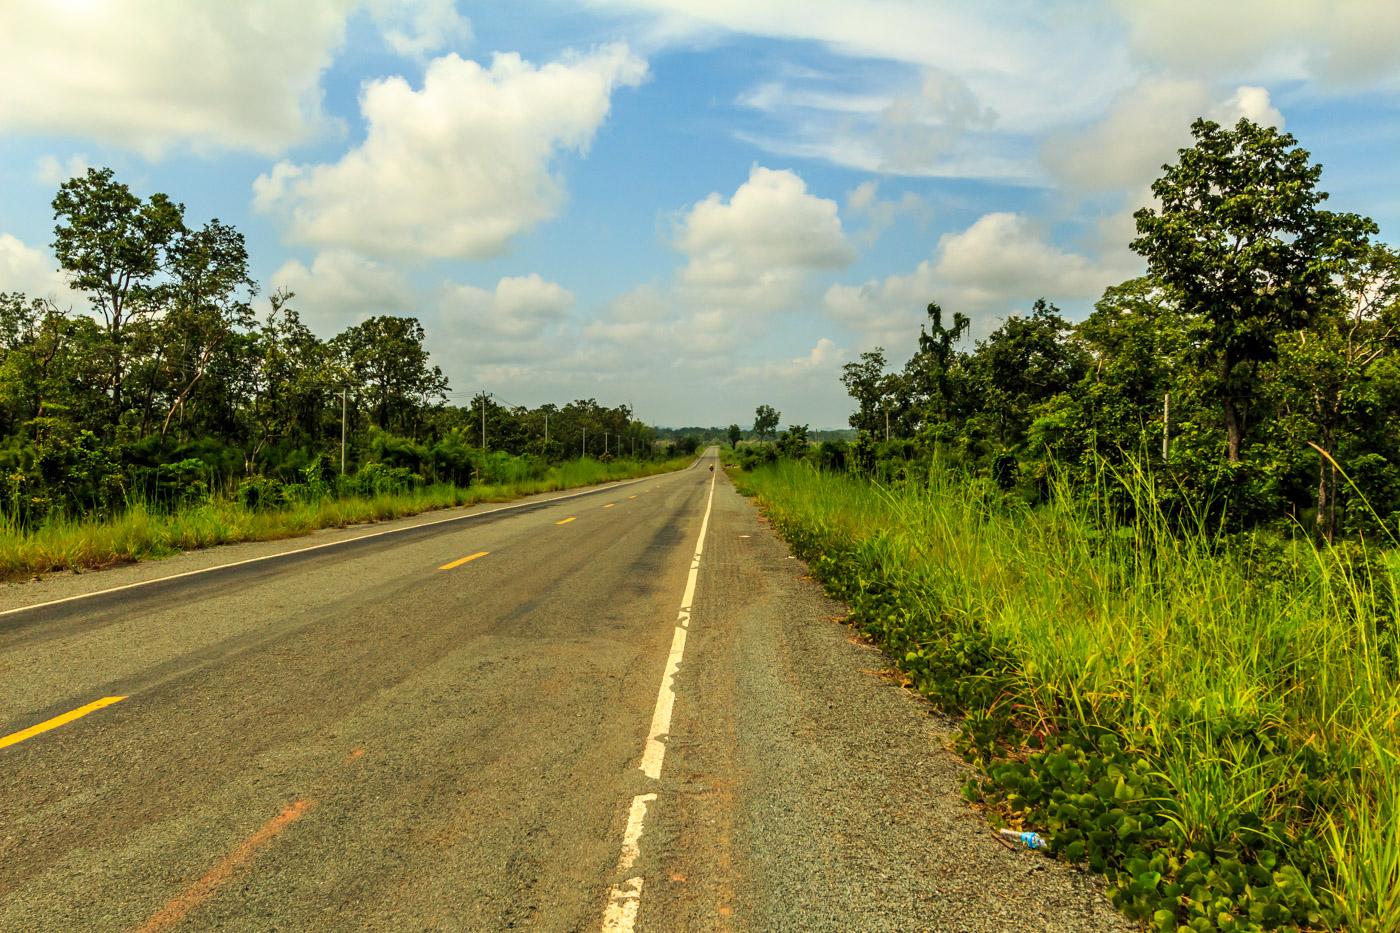 A remote stretch of road.